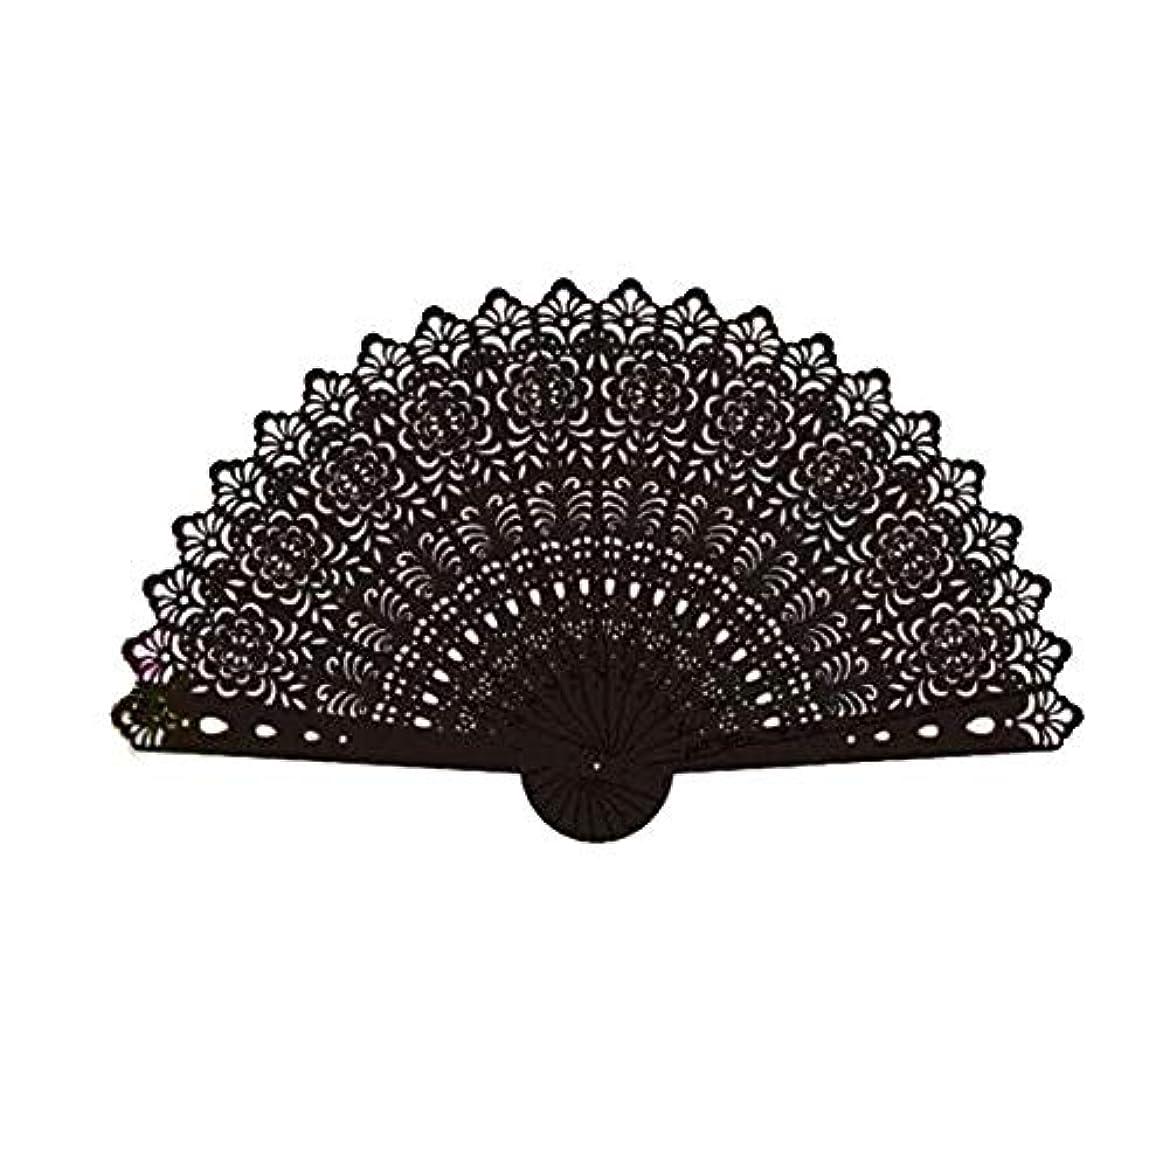 くるくる聞きます依存QIANZICAI ファン、鉄扇子、格闘技舞台の小道具、ホームアクセサリー、ブラック折りたたみ ファン (Color : Black)